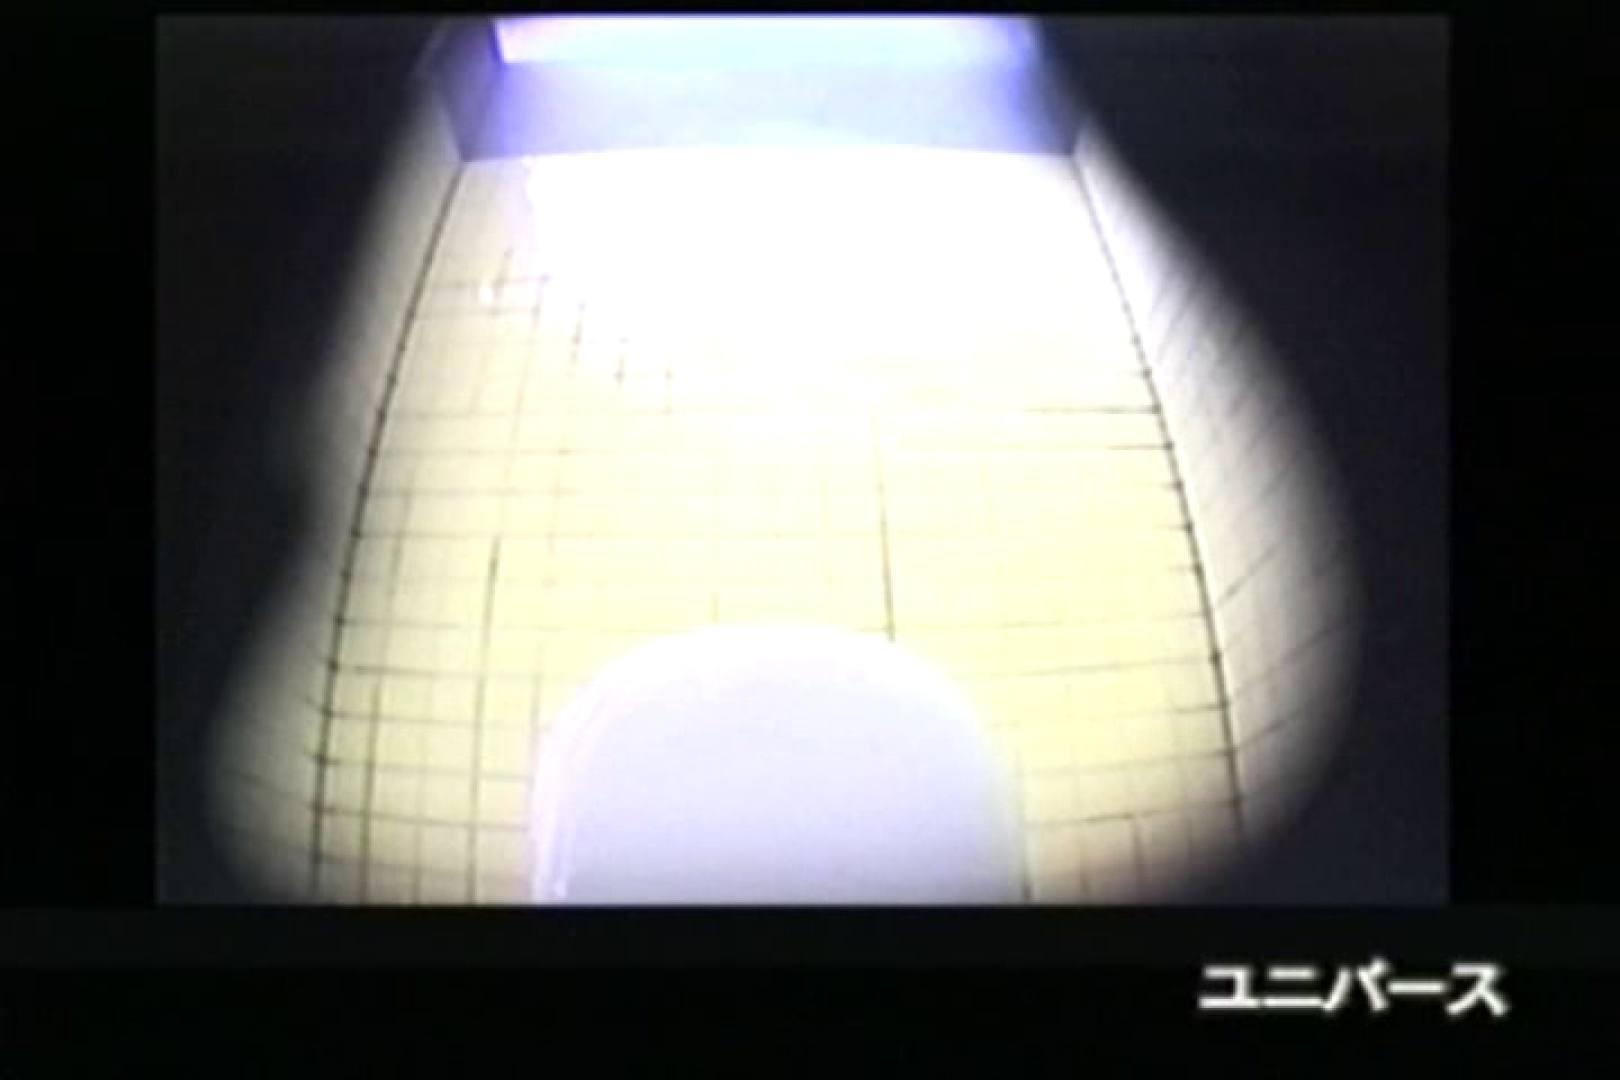 下半身シースルー洗面所Vol.4 OLヌード天国  91PIX 3